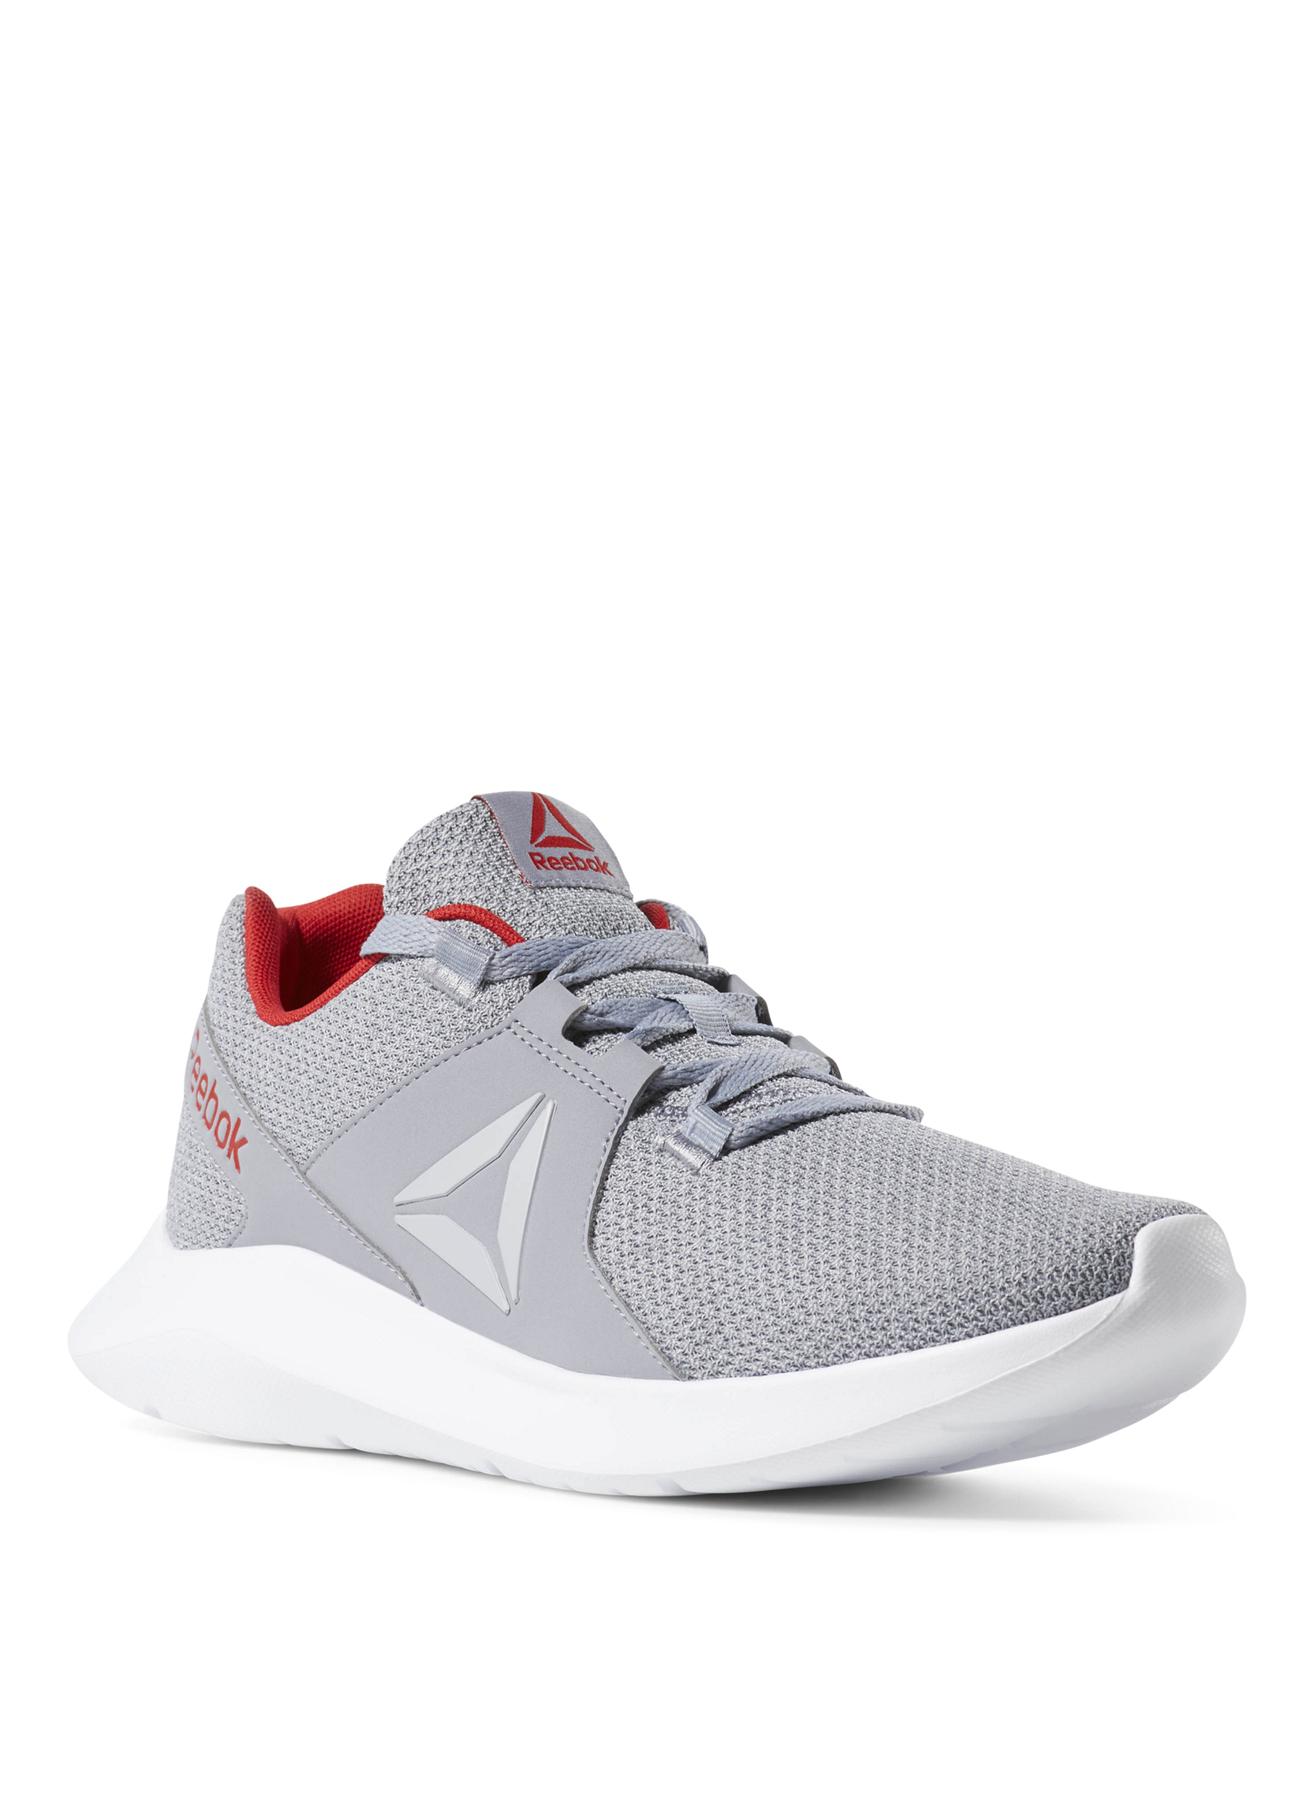 Reebok Koşu Ayakkabısı 40 5002359564002 Ürün Resmi